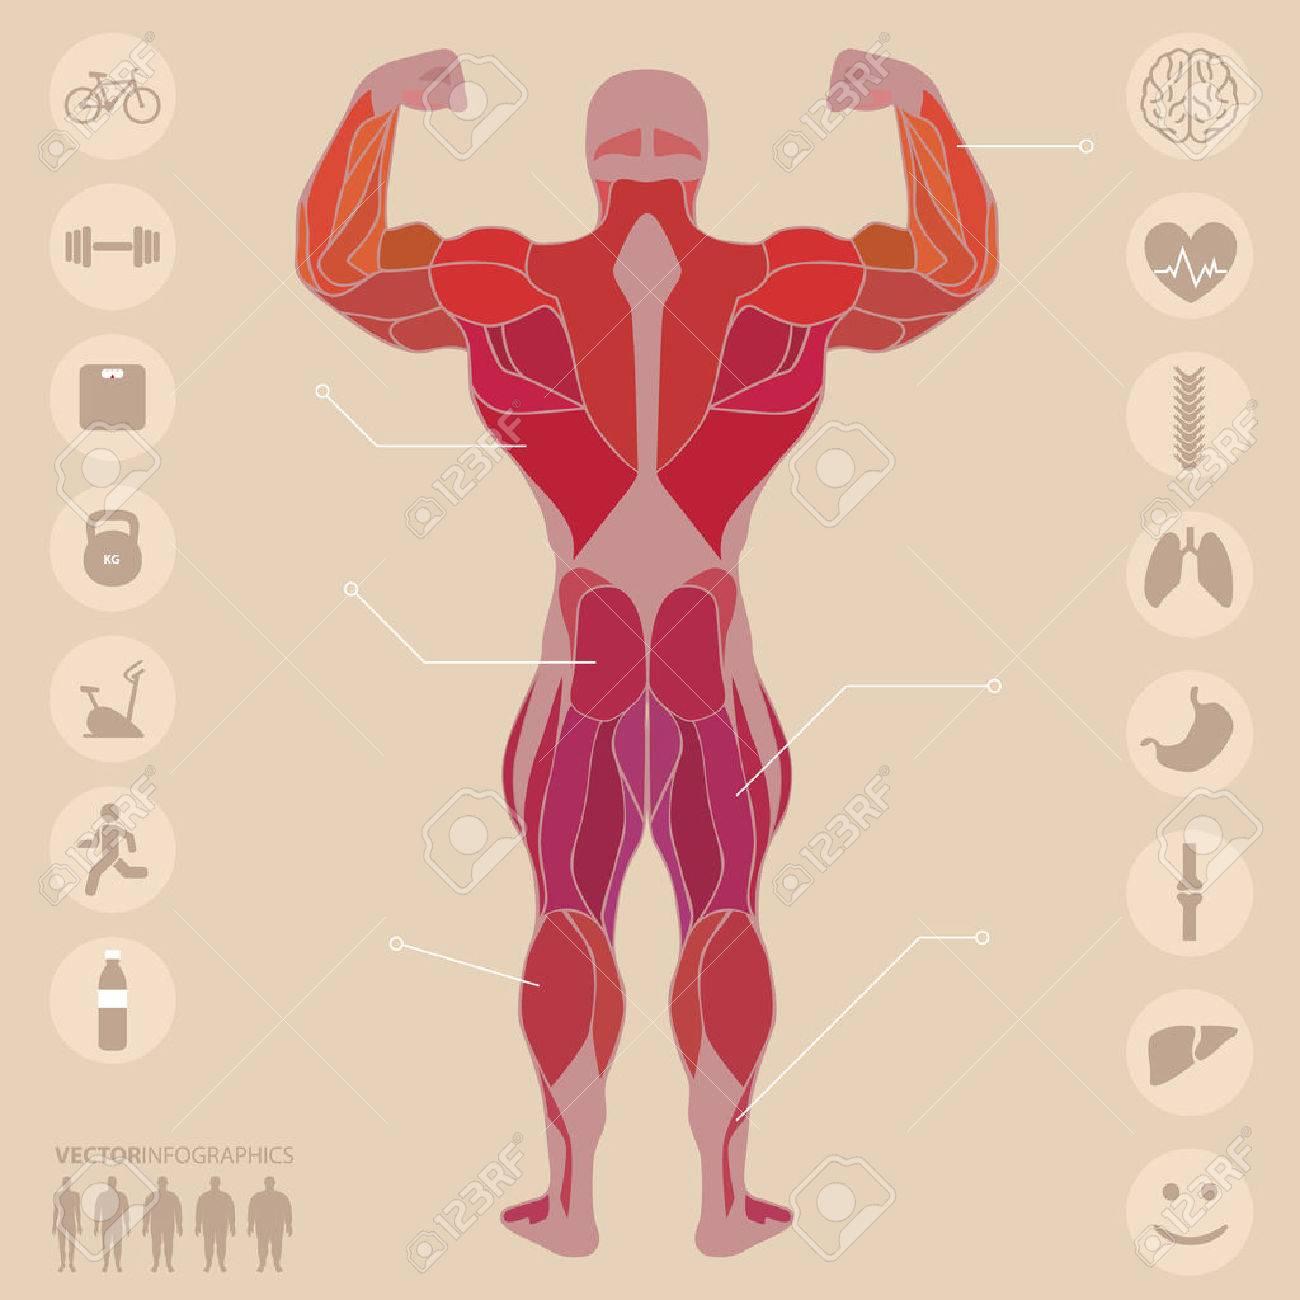 Humano, Anatomía, Músculos, Espalda, Deportes, Gimnasio, Médico ...